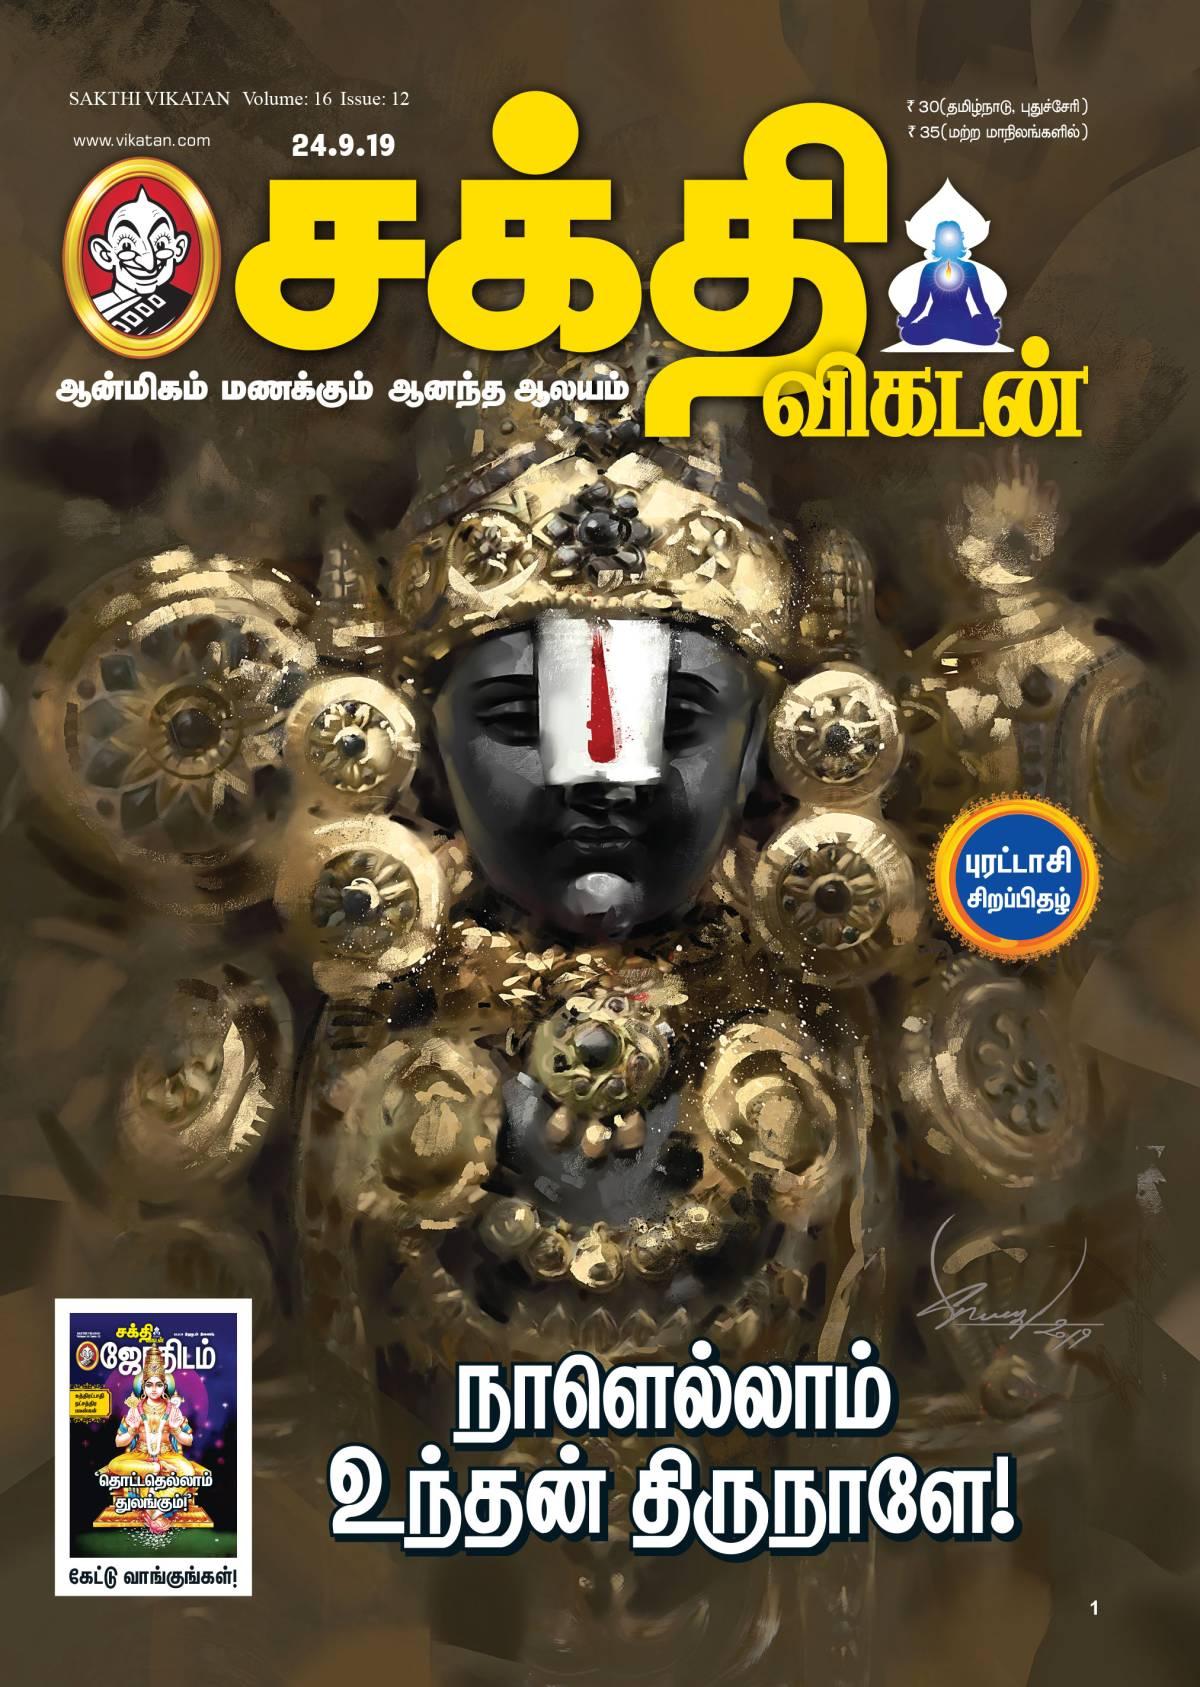 sakthi vikatan free download